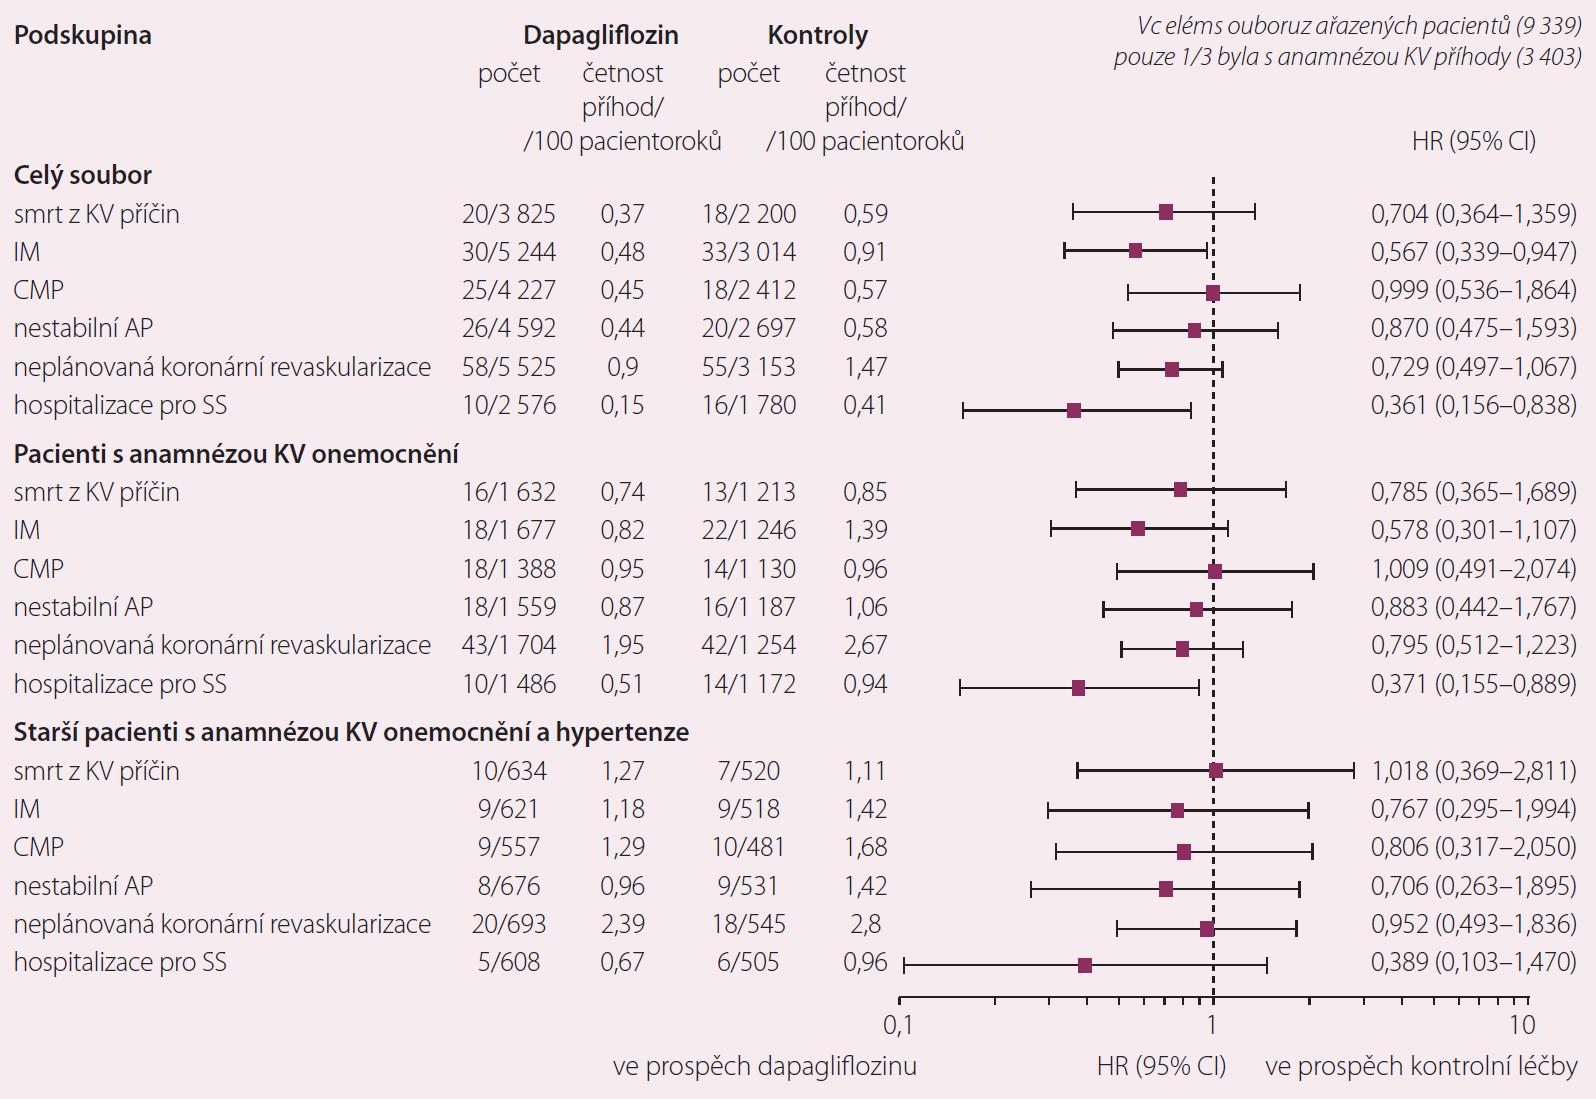 Konzistentní přínos dapagliflozinu u pacientů v nižším i vysokém riziku KV příhod [5].